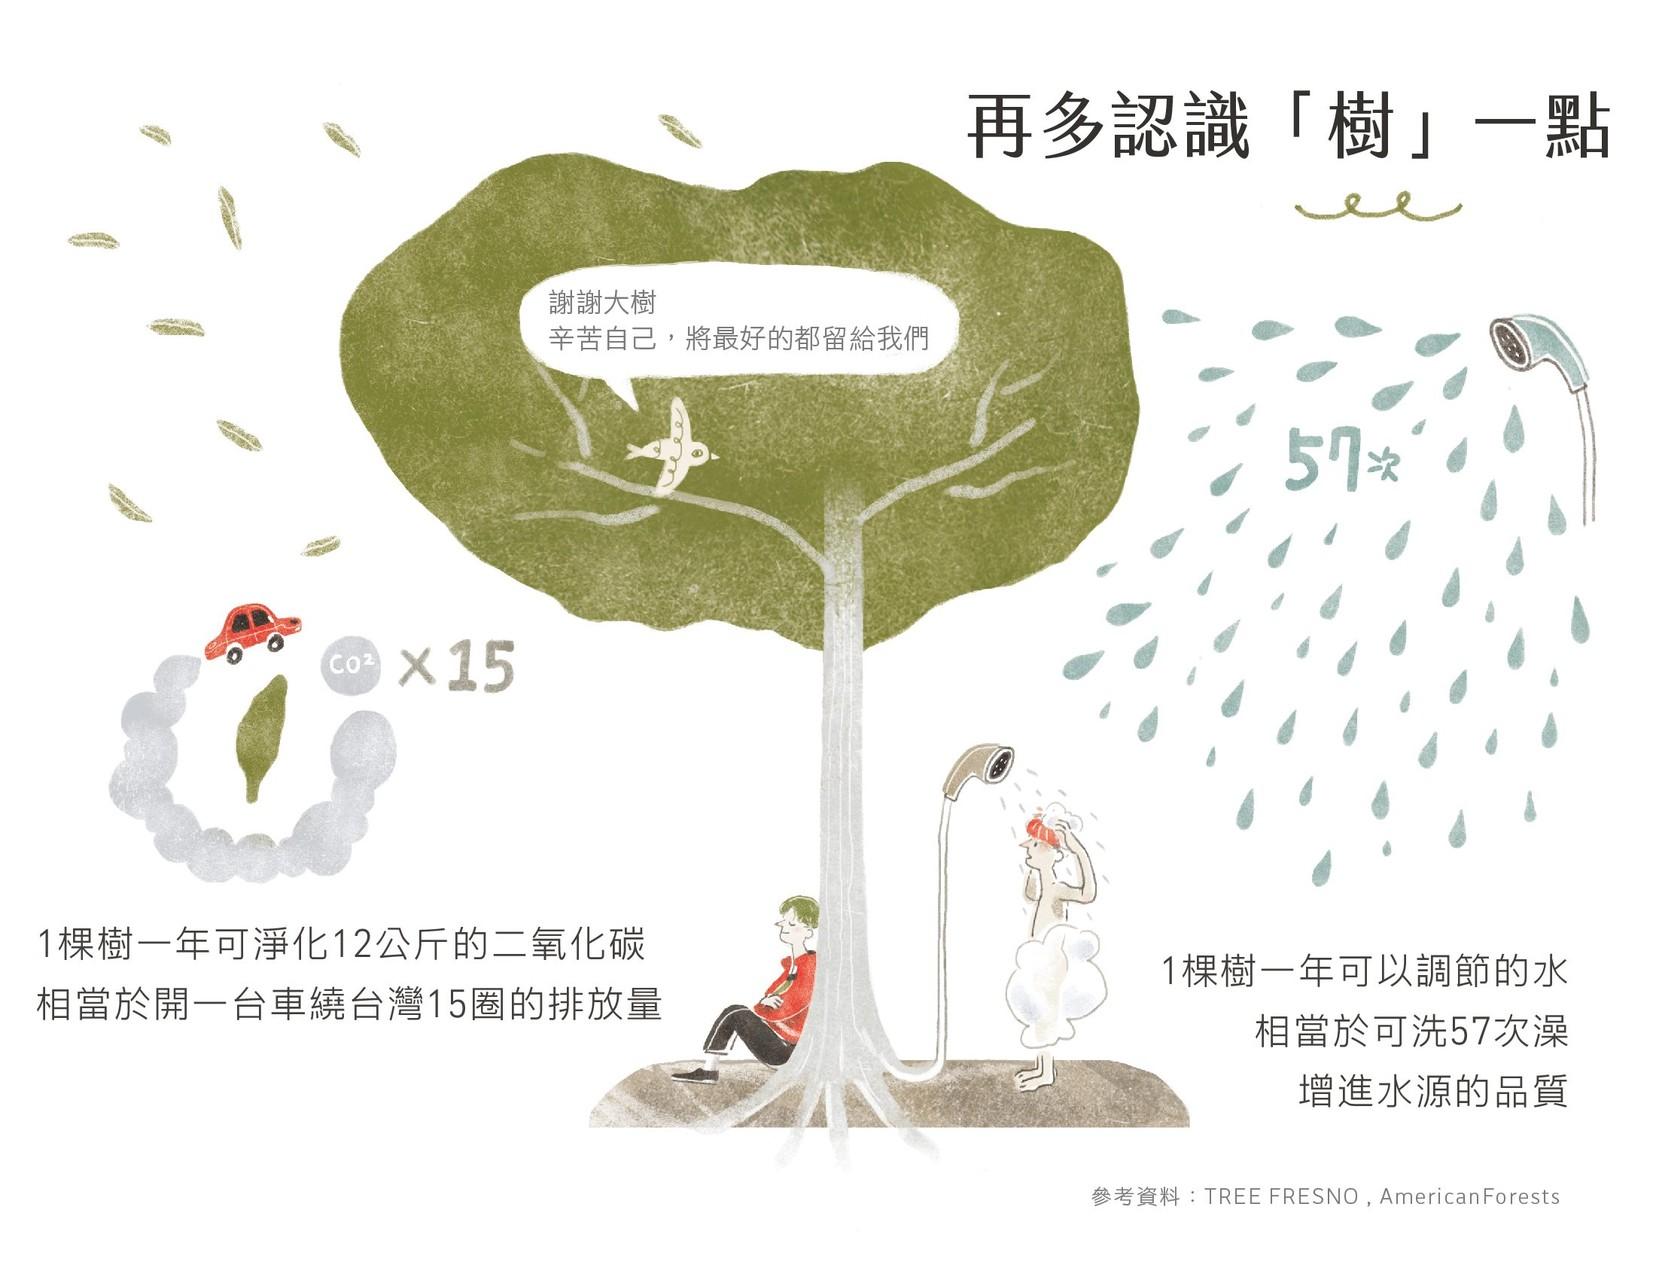 一棵成熟的樹可吸收 465 公斤的二氧化碳,等同幫三萬多戶的台灣家庭中和了一個月的碳排放量。